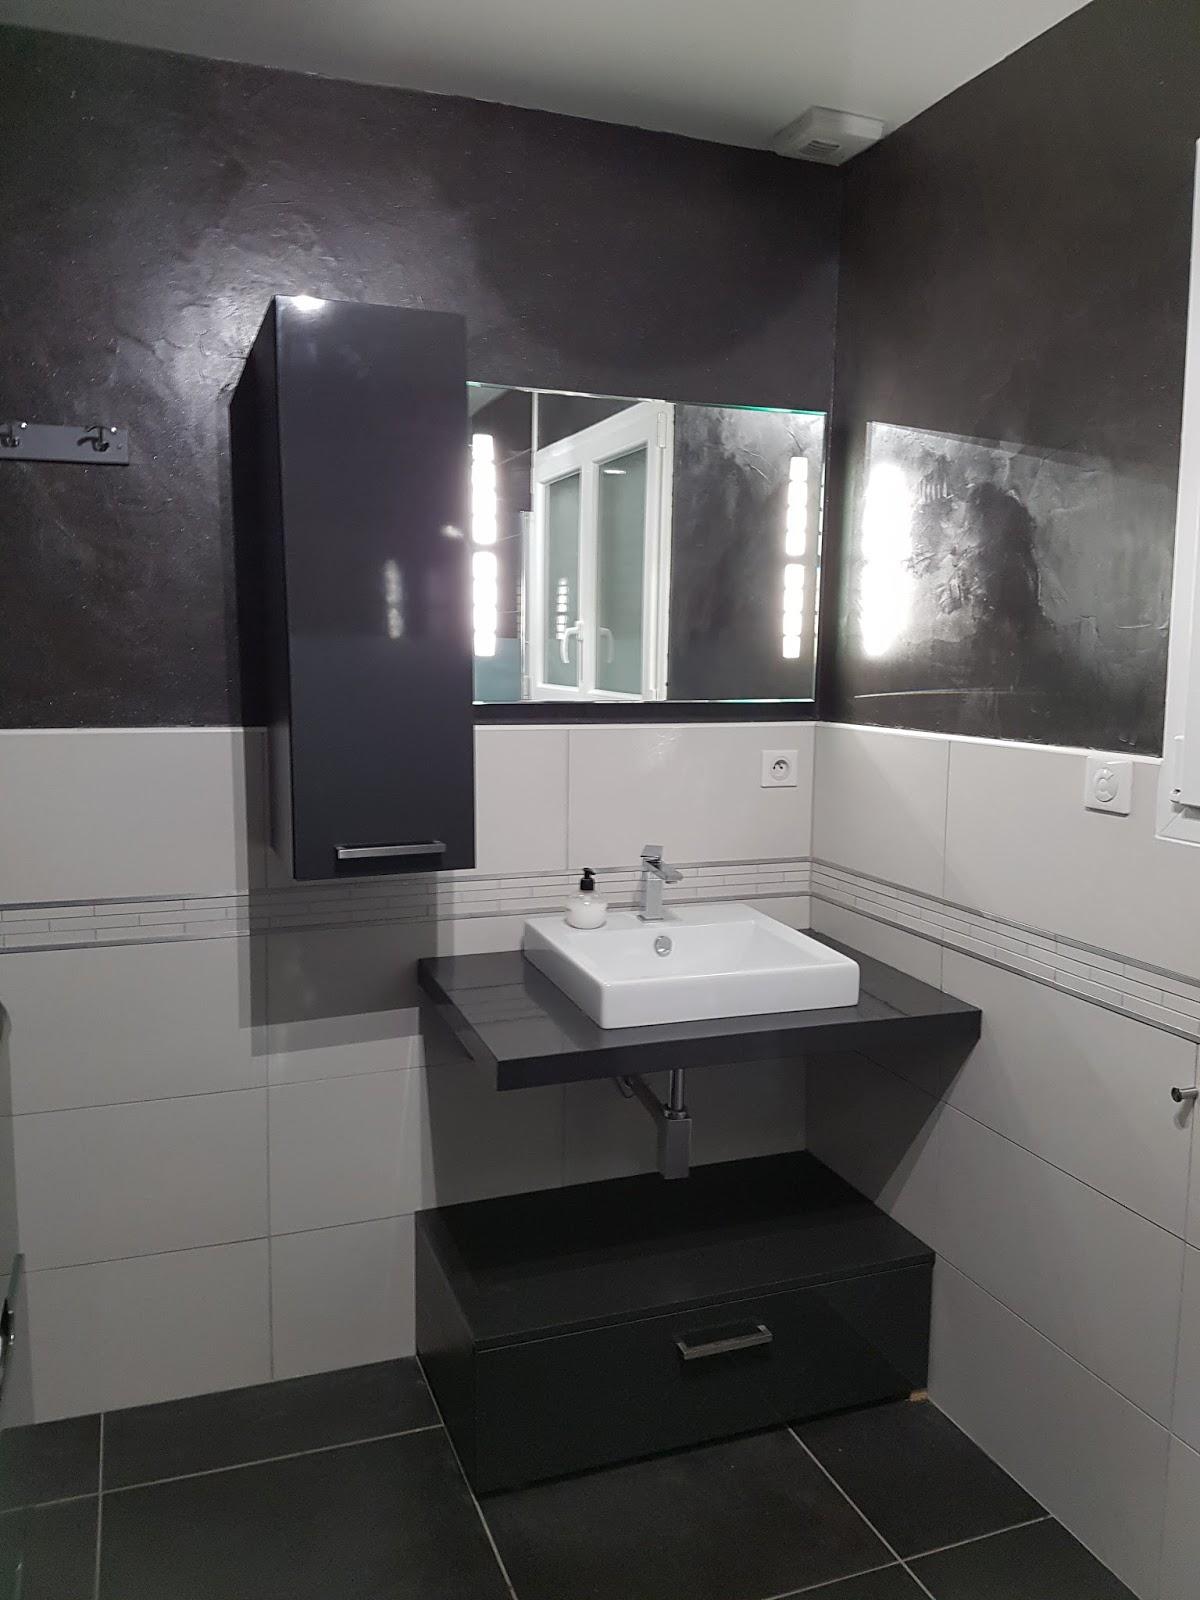 Bricolage de l 39 id e la r alisation salle de bain for O salle de bain